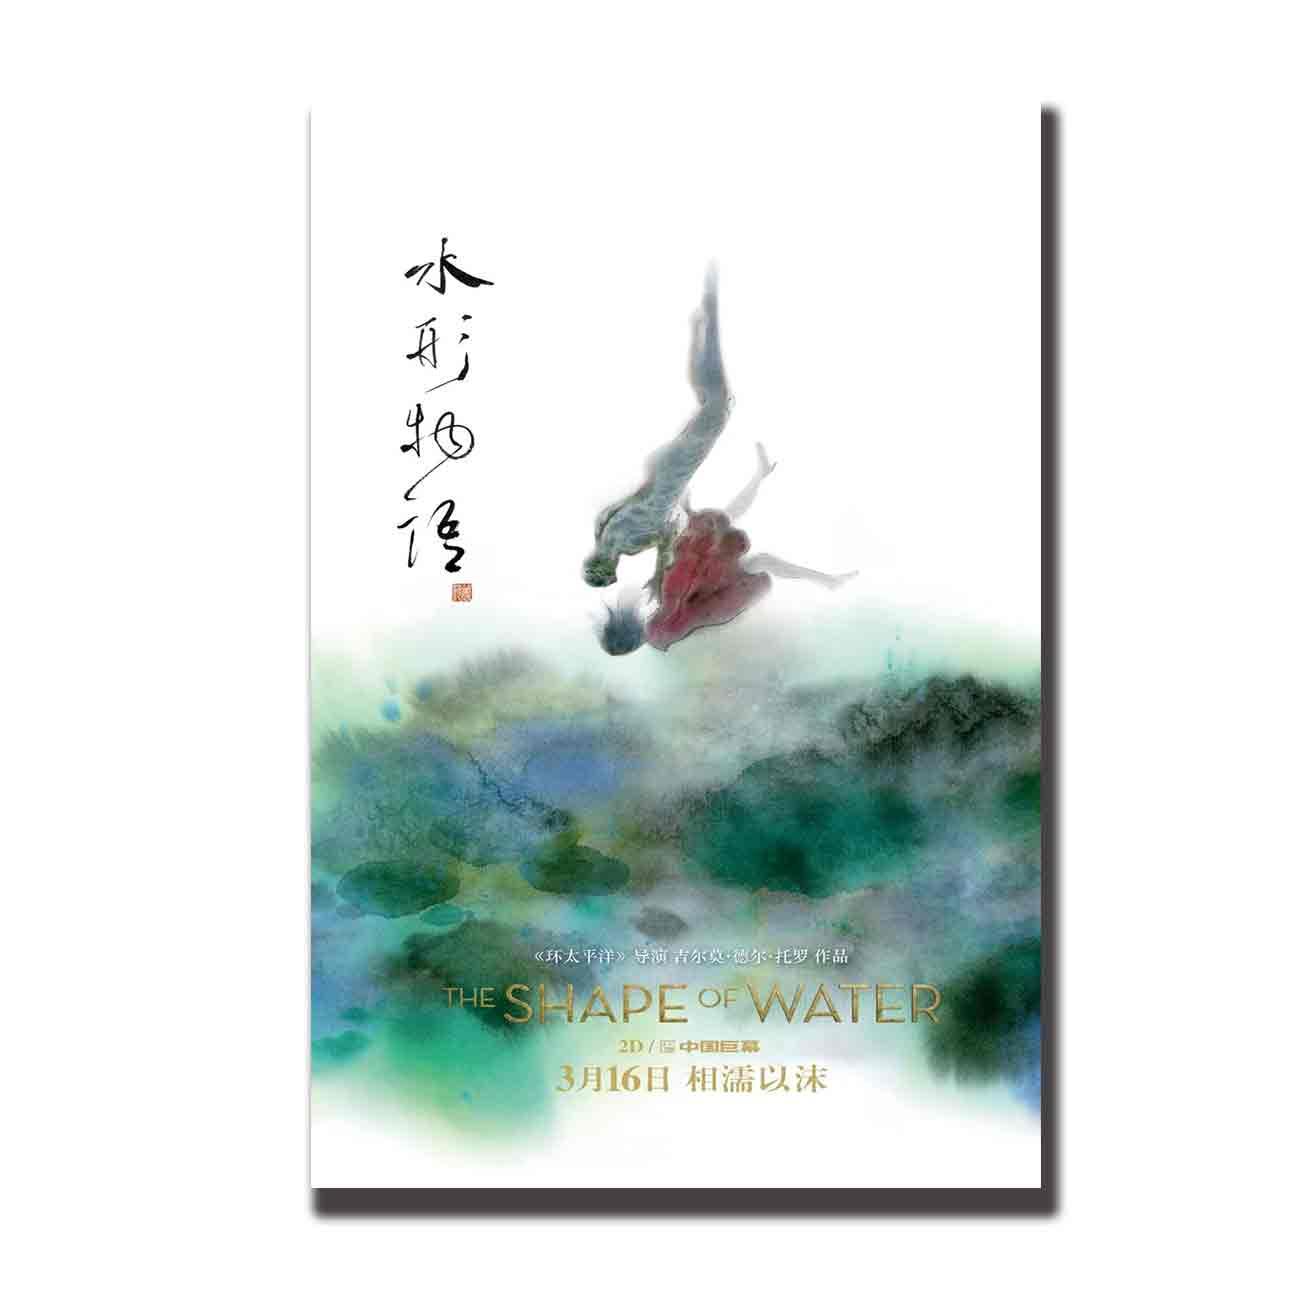 Художественные плакаты на стену, холст, форма воды, фильм Гильермо дель Торо, декор для картины 12x18 24x36 27x40, картинки для гостиной